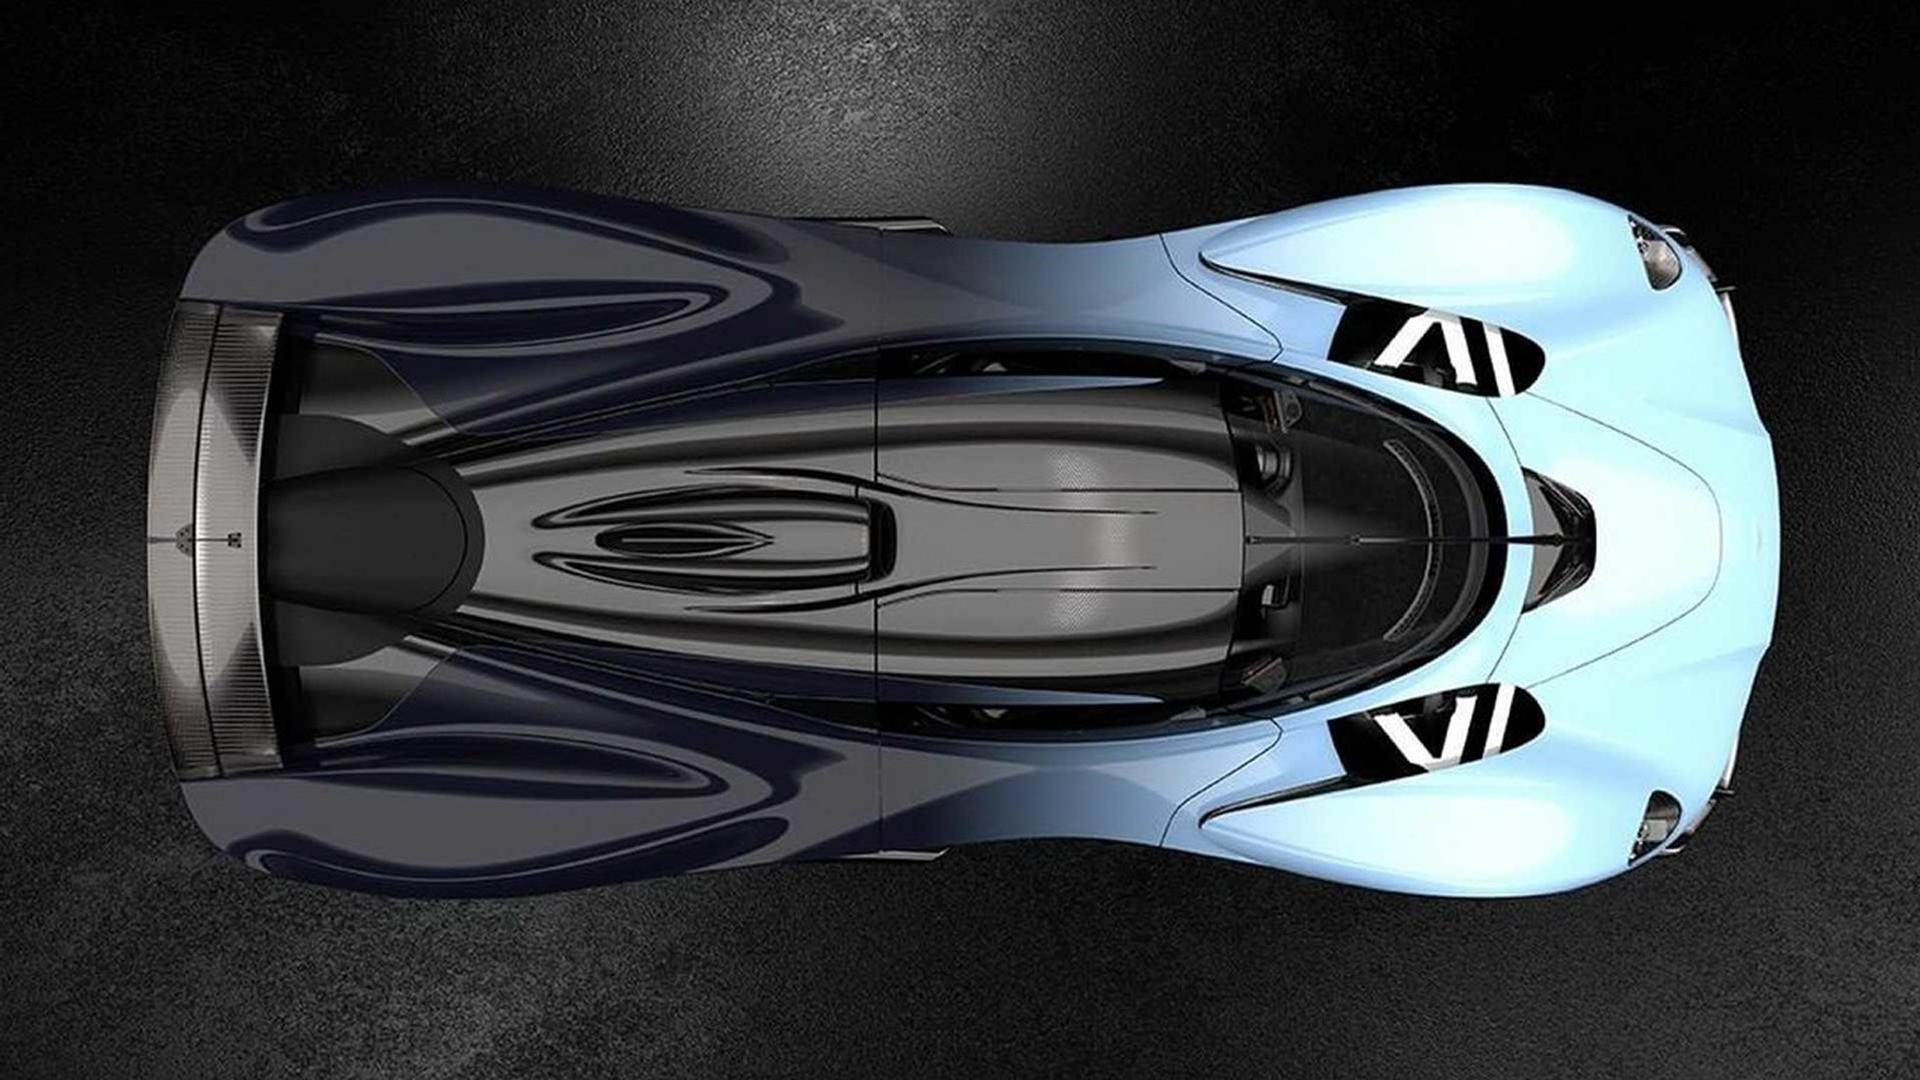 Tendrá el motor sin turbo más potente de la historia, con más de 1.100 caballos de fuerza.